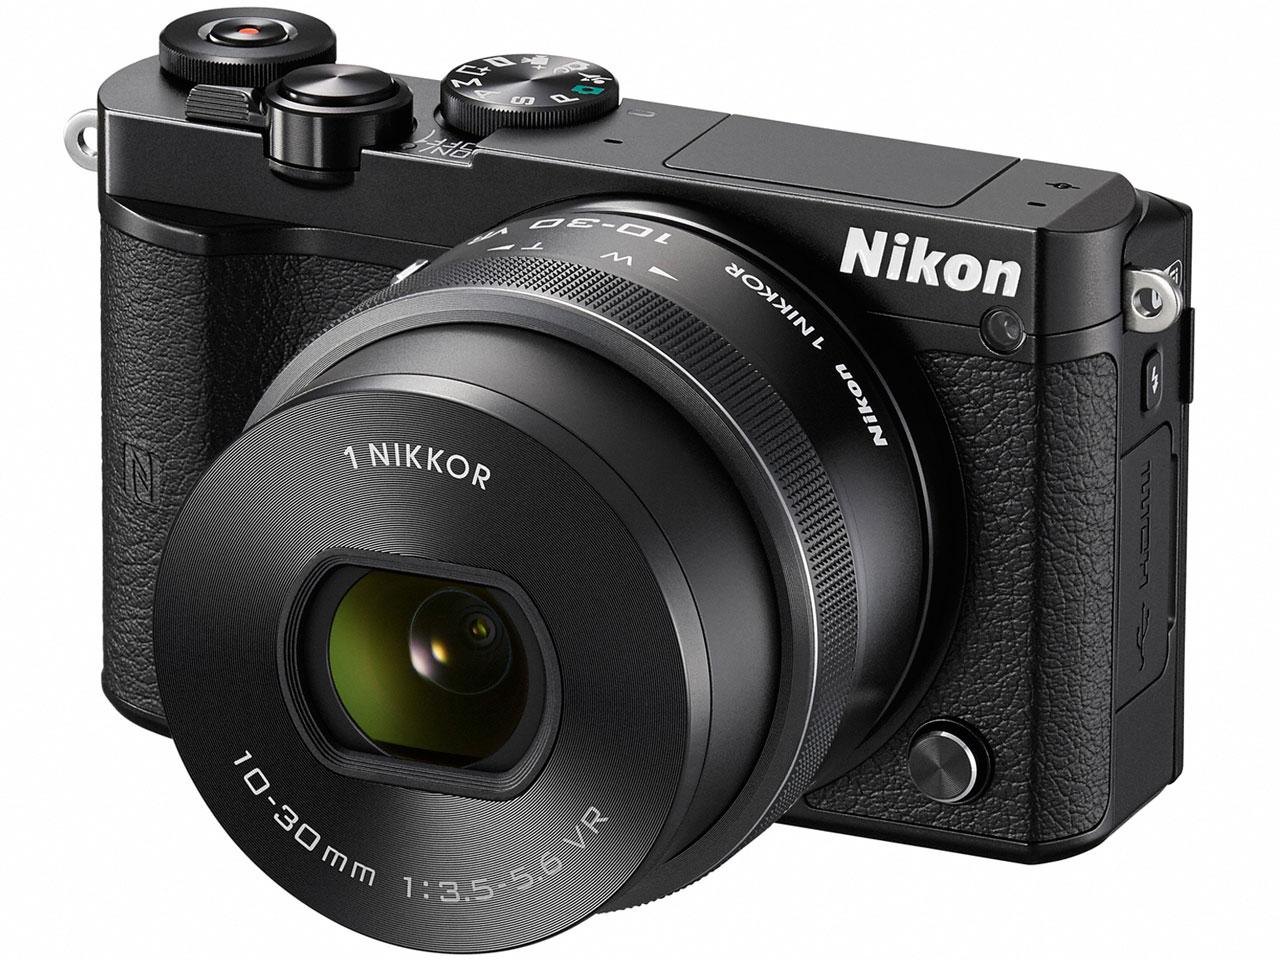 Nikon 1 J5 標準パワーズームレンズキット [ブラック] の製品画像